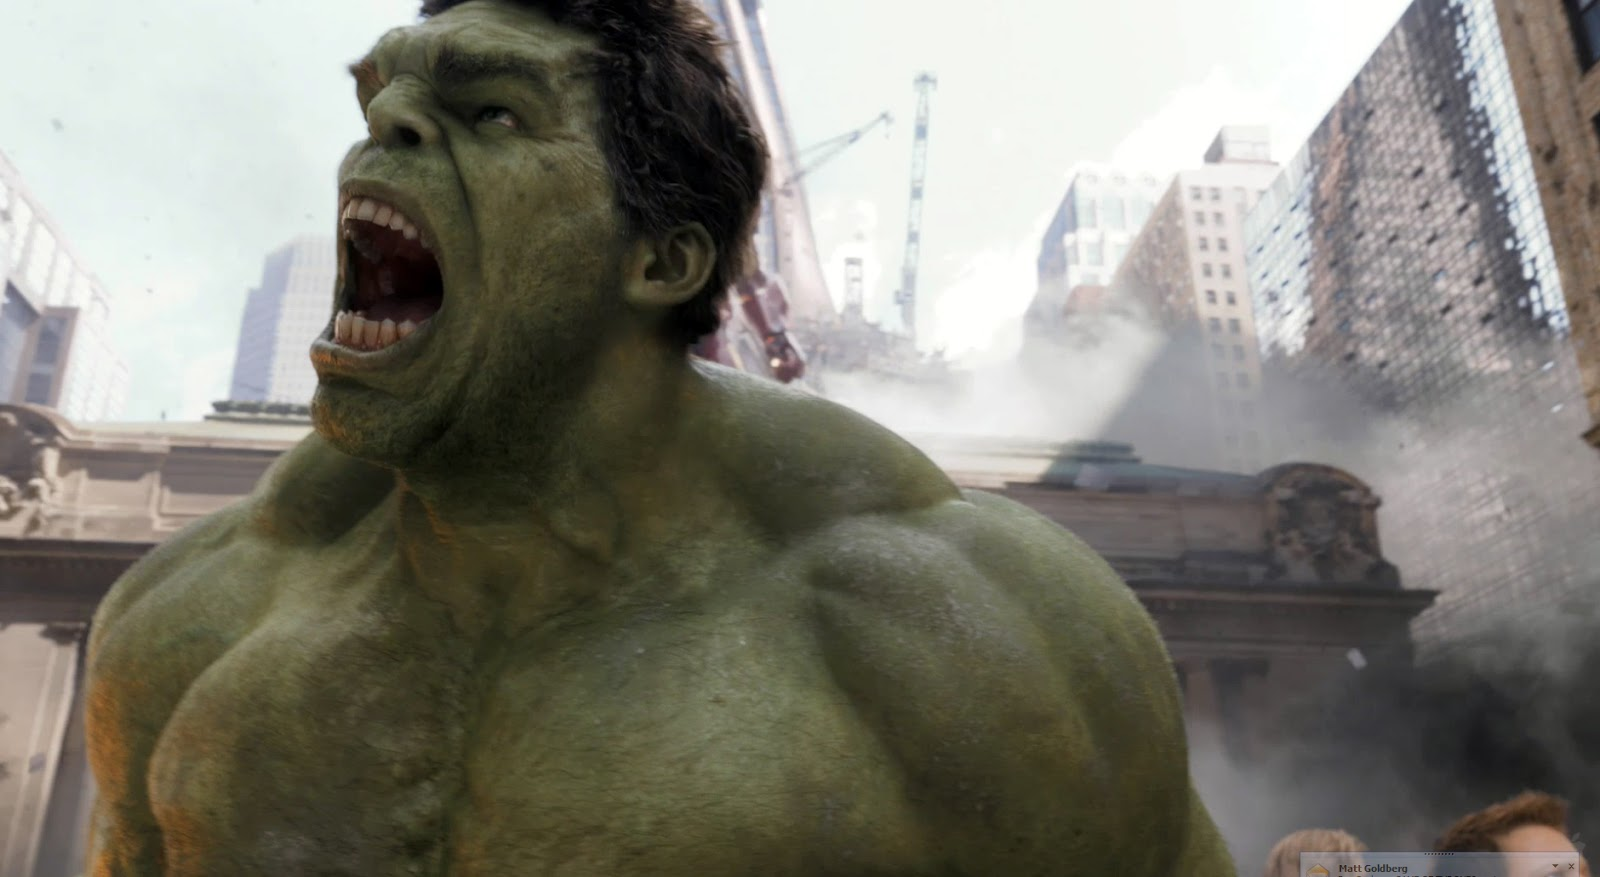 http://4.bp.blogspot.com/-Kst5Vwmz184/T7OrCkVF4QI/AAAAAAAAAvU/6MU4ib_8rjk/s1600/Hulk-The-Avengers-movie-image-2.jpg